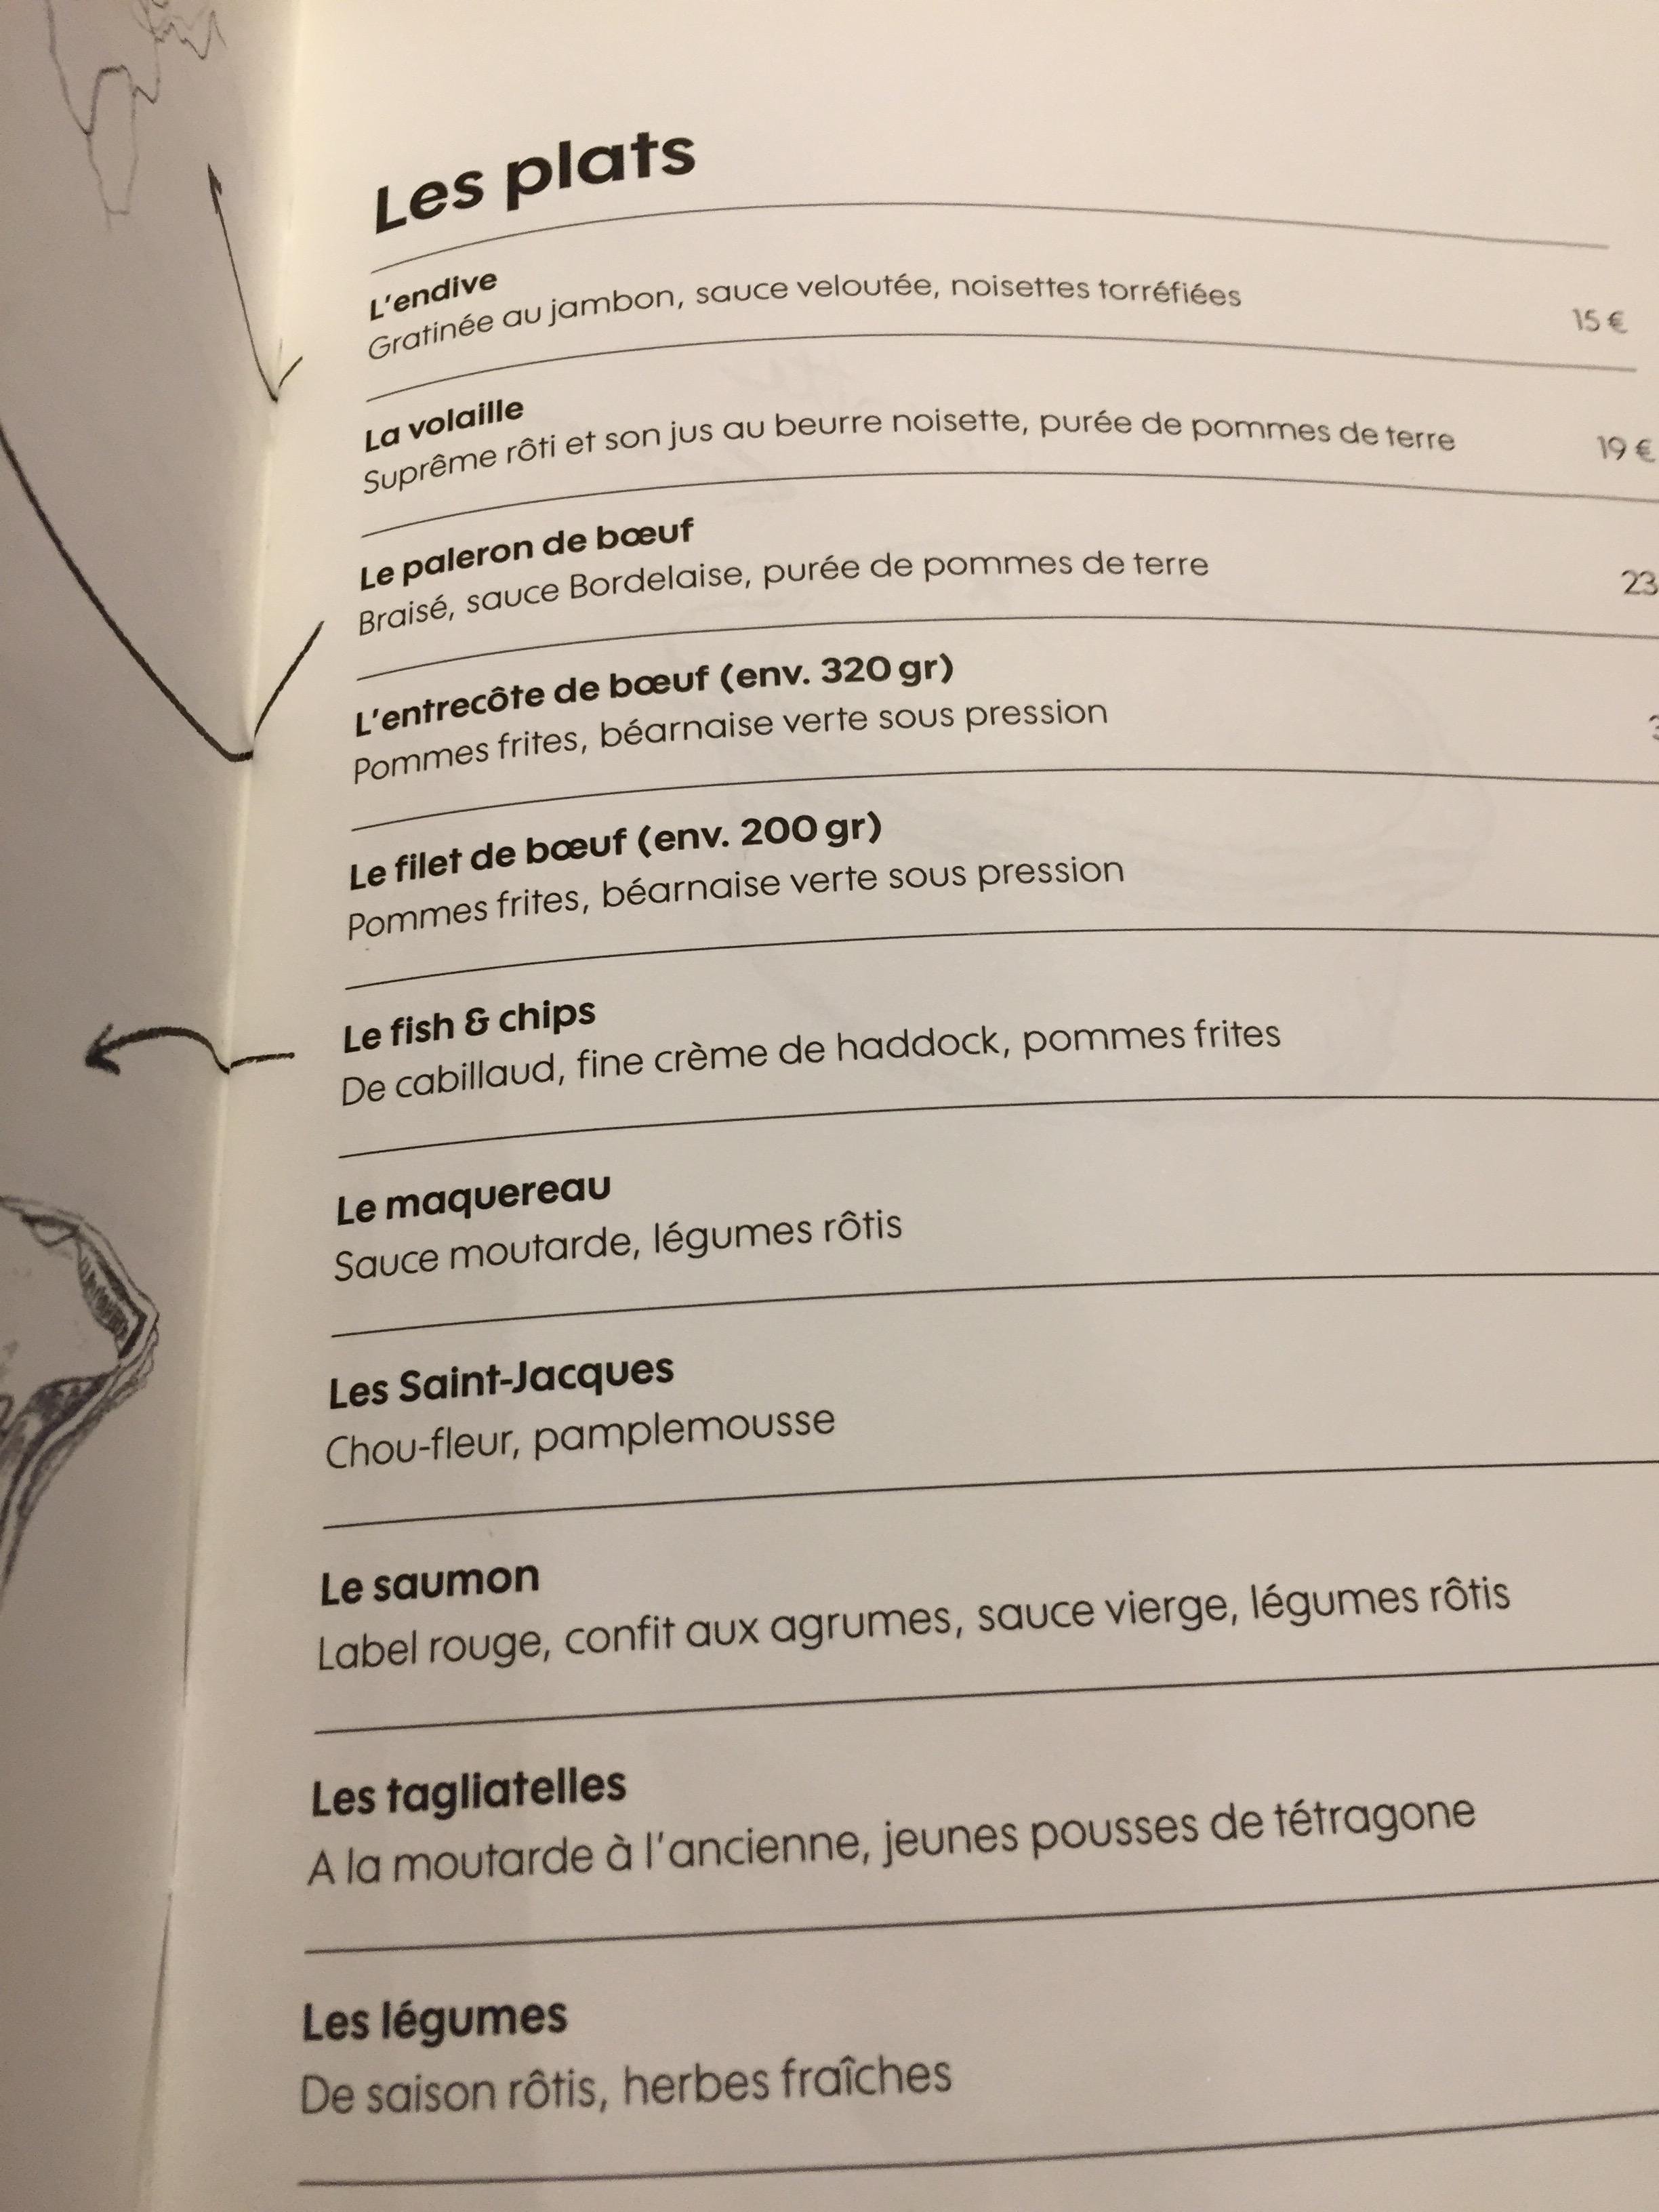 Letoile Du Nord Paris Honest Eats On The Run B